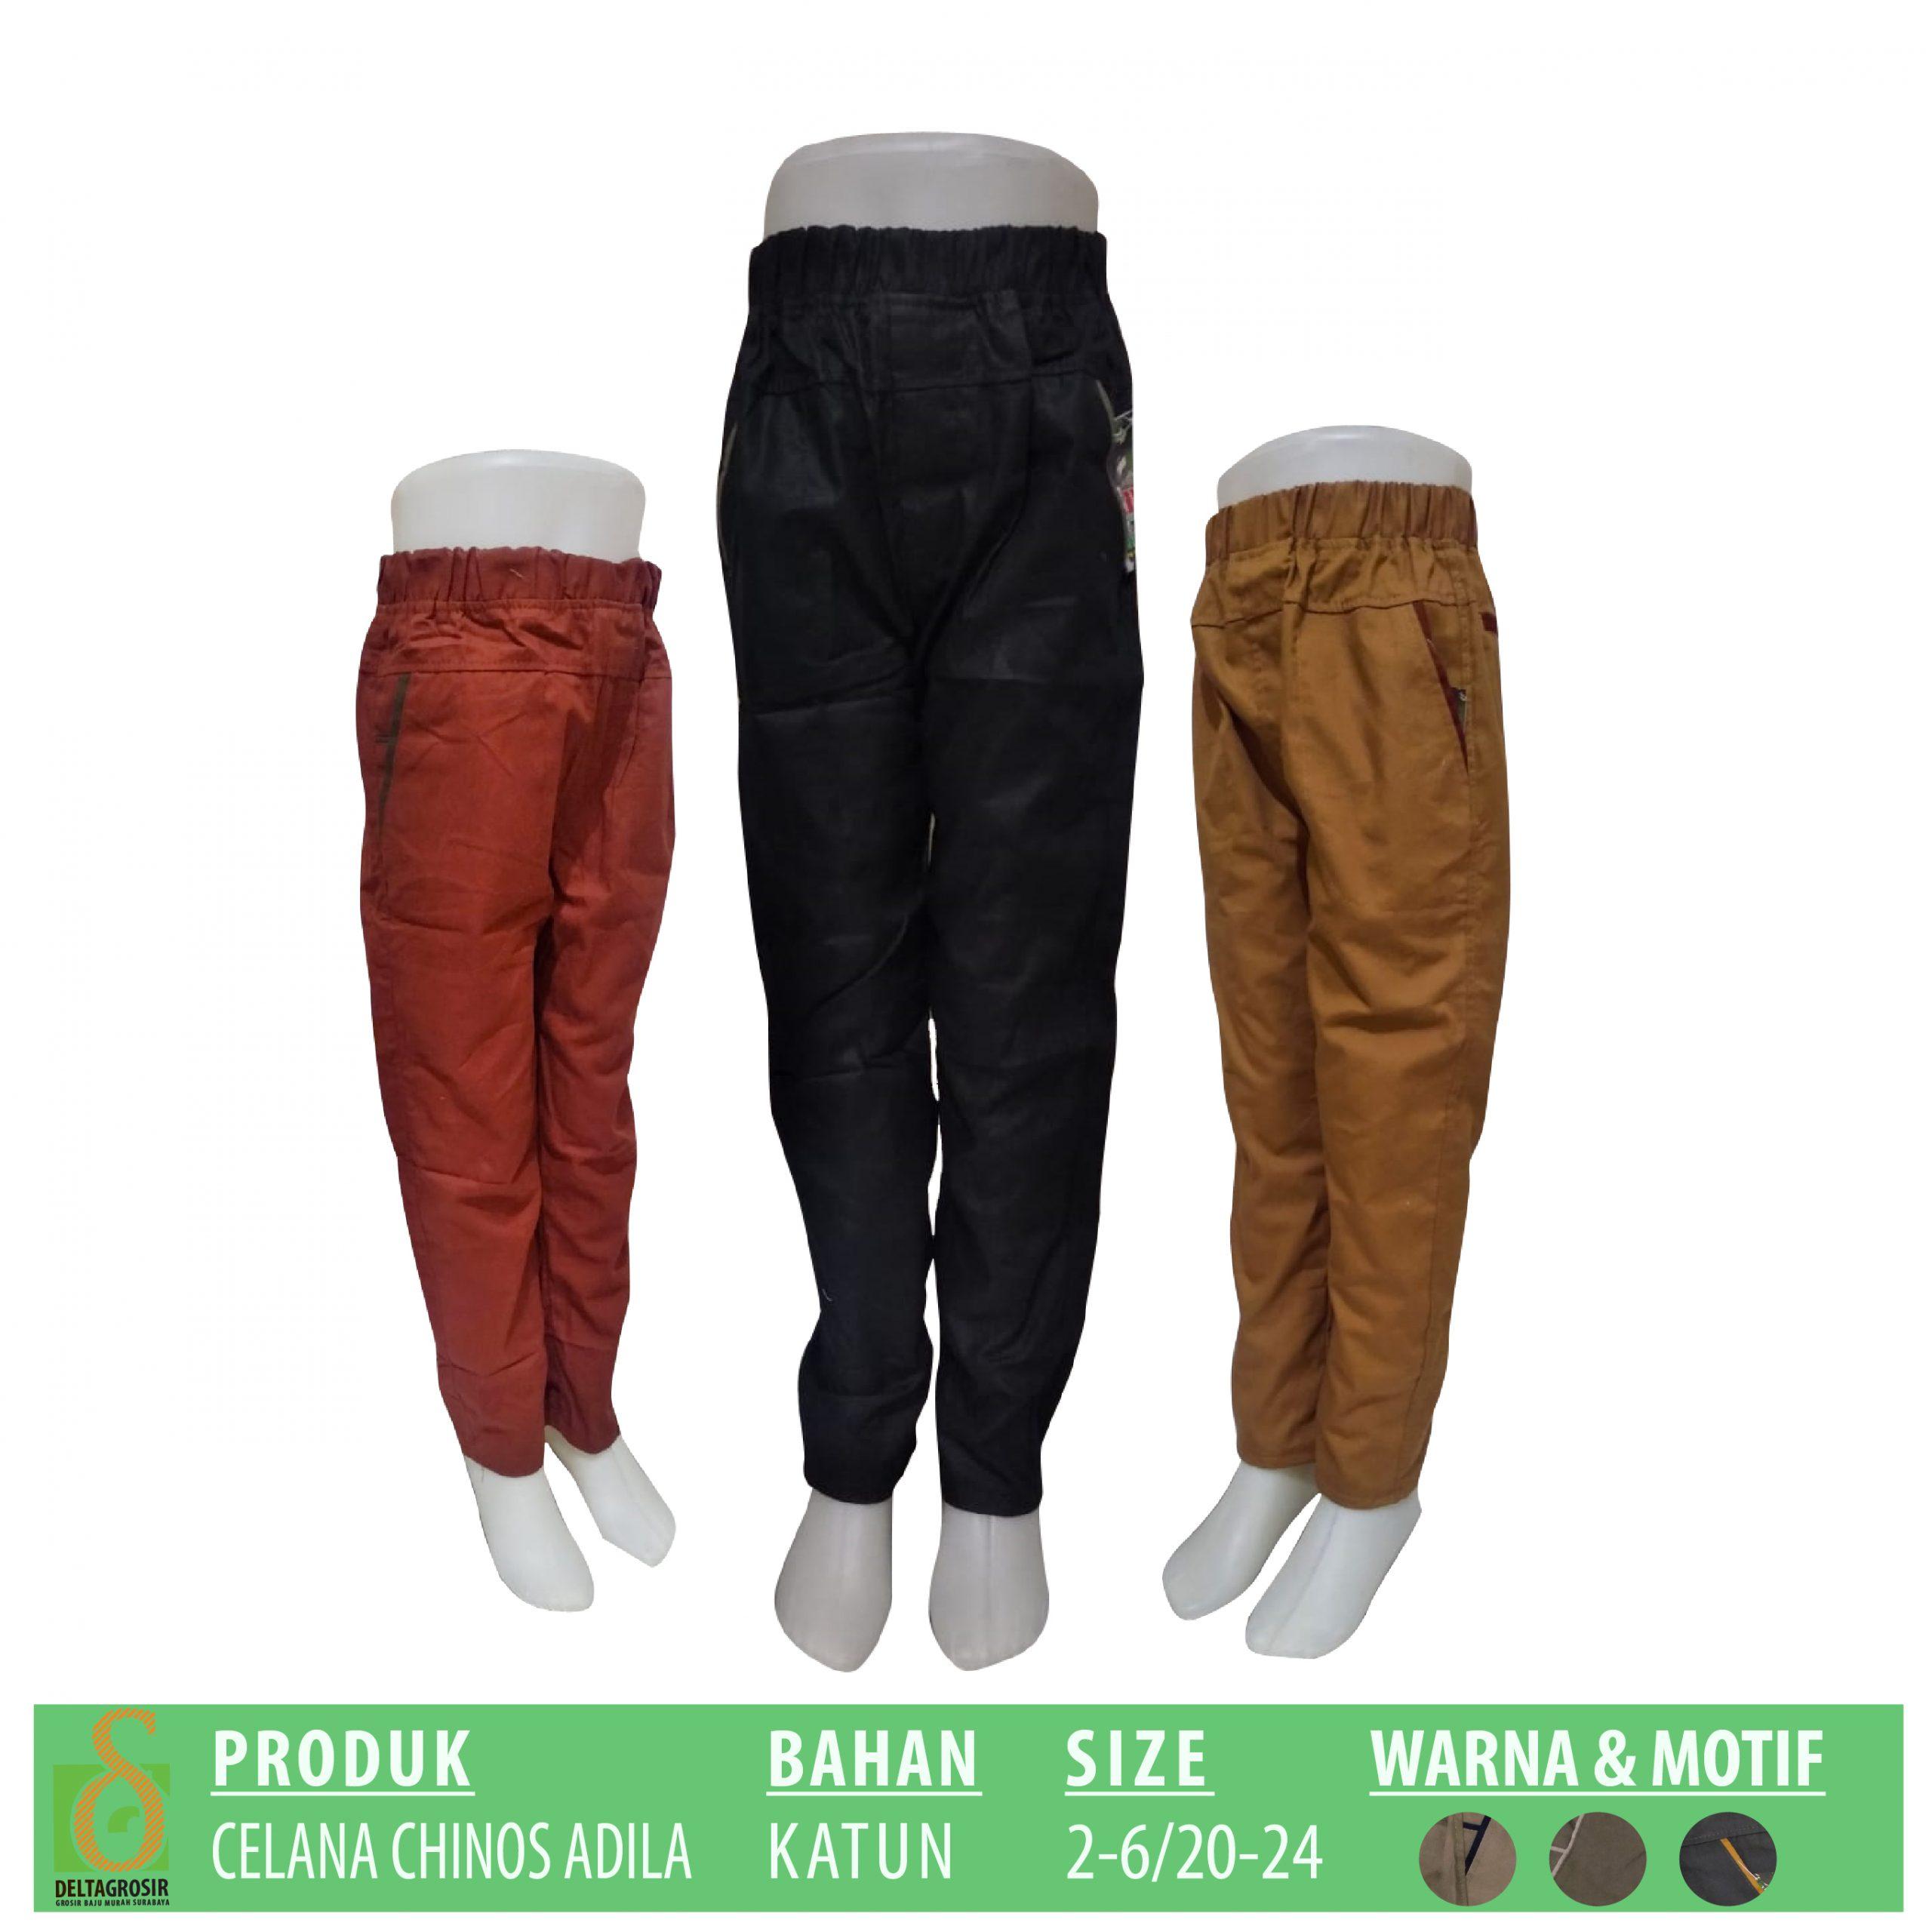 Distributor Celana Chinos Anak Murah 21ribuan